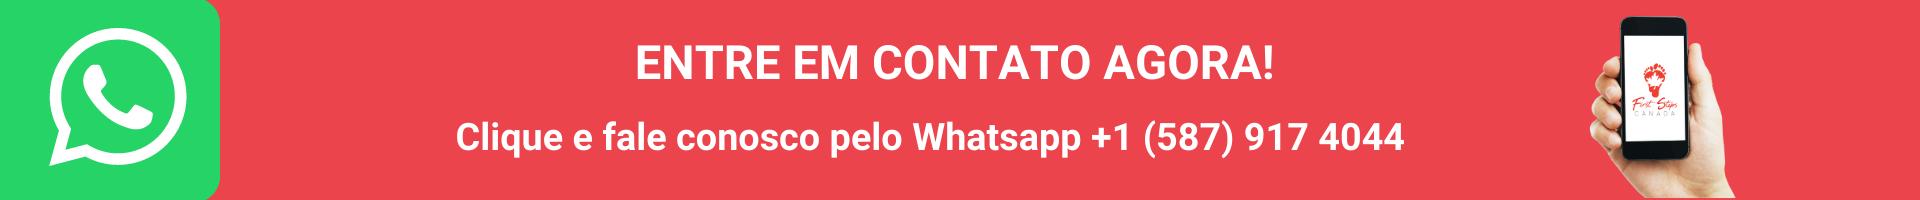 Entre em contato agora pelo Whatsapp